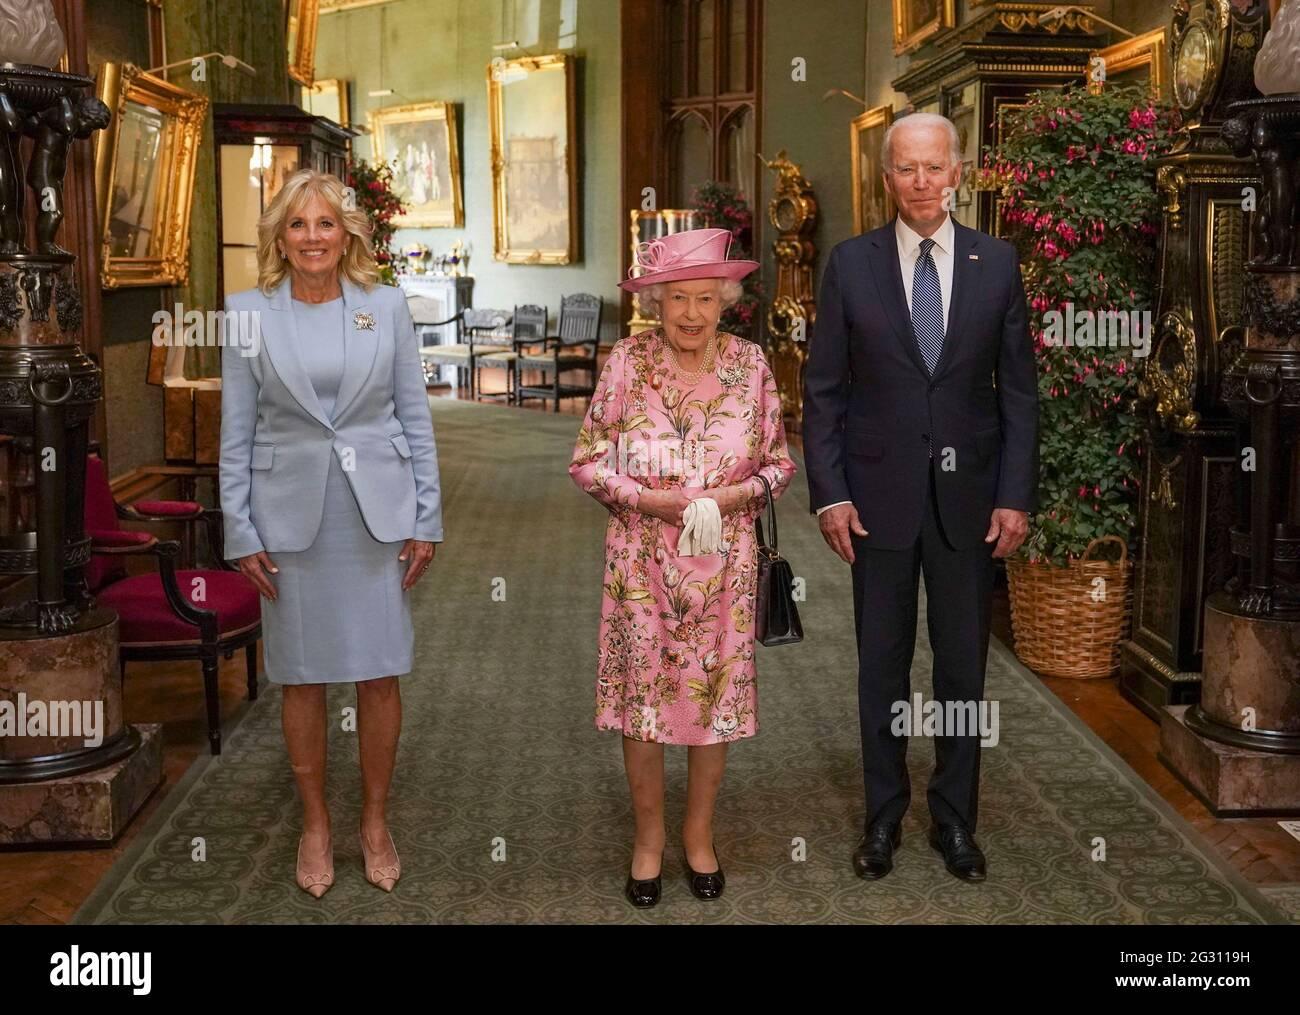 Queen Elizabeth II (Mitte) mit US-Präsident Joe Biden und First Lady Jill Biden im Grand Corridor während ihres Besuchs im Windsor Castle in Berkshire. Bilddatum: Sonntag, 13. Juni 2021. Stockfoto